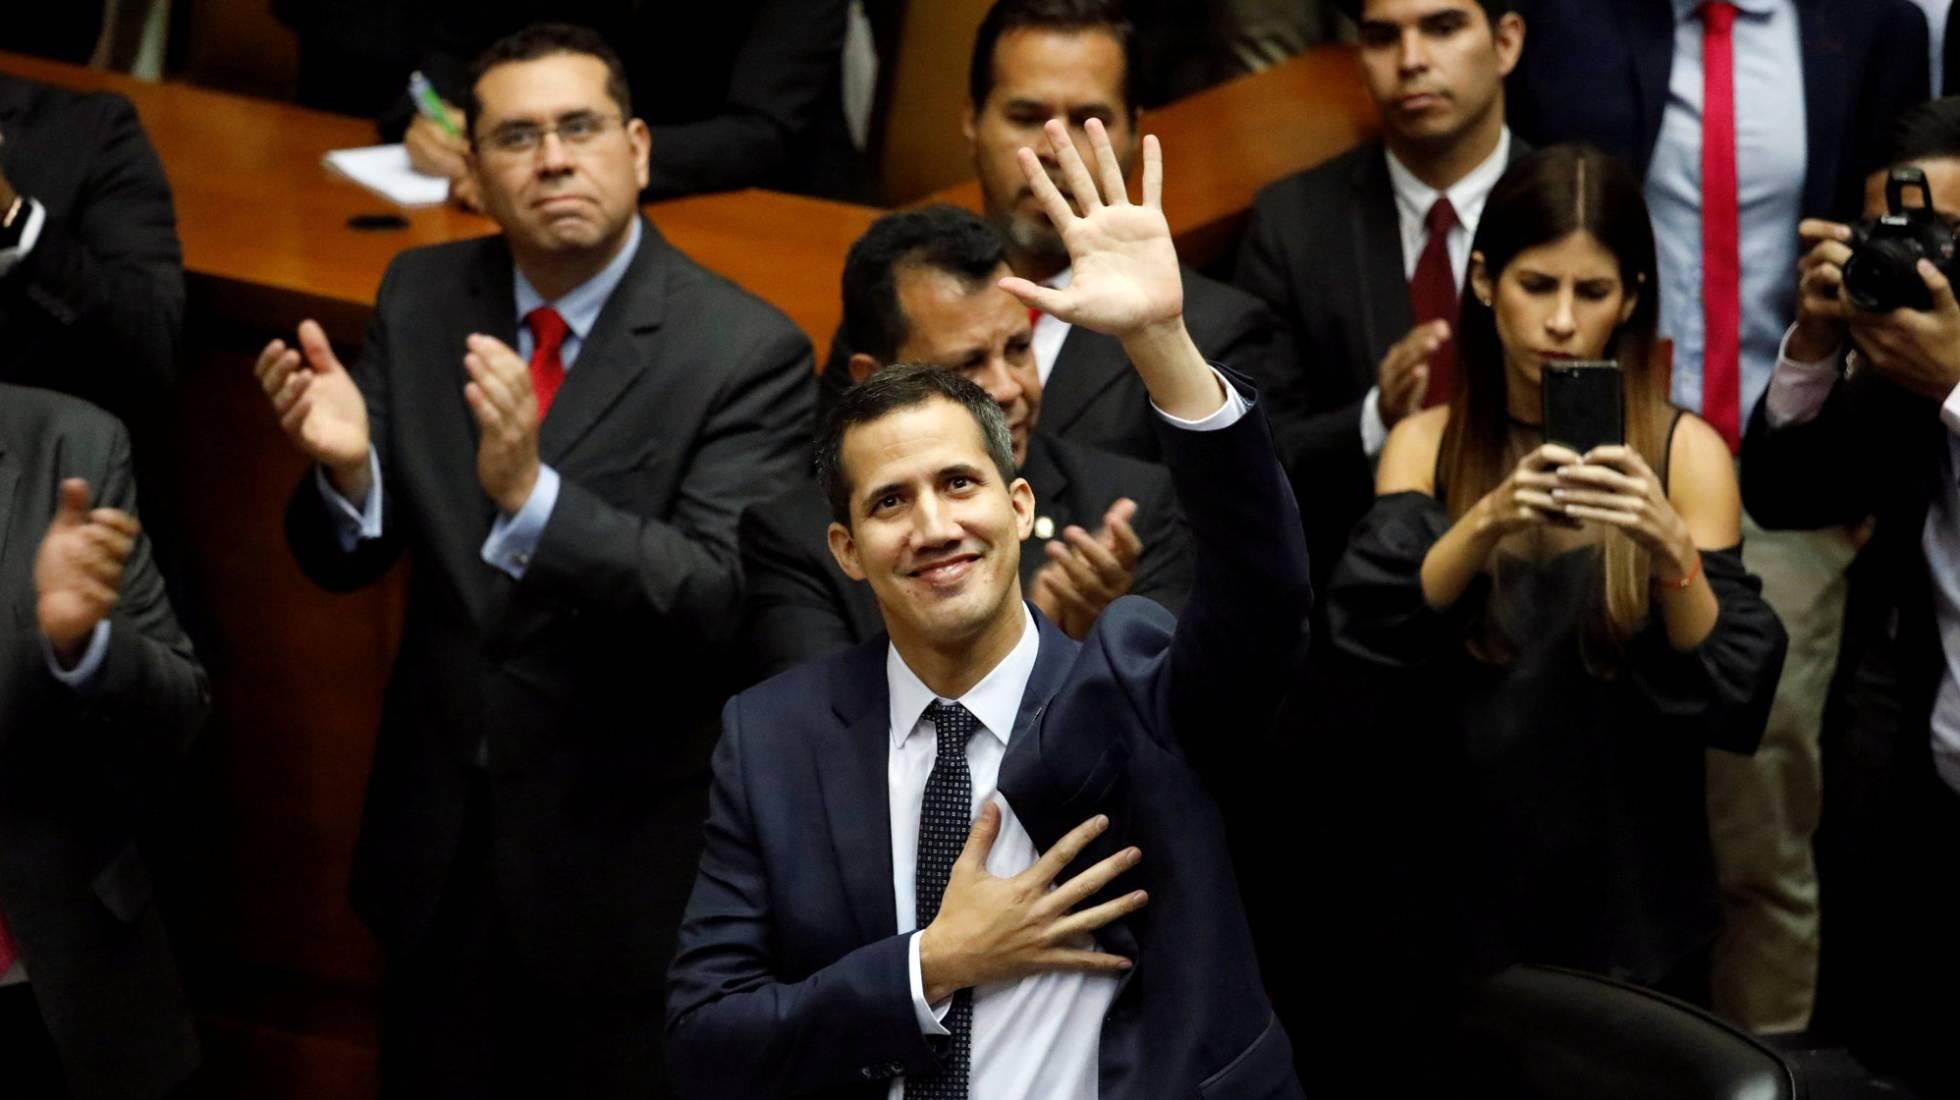 La oposición venezolana apela al Ejército para frenar a Maduro